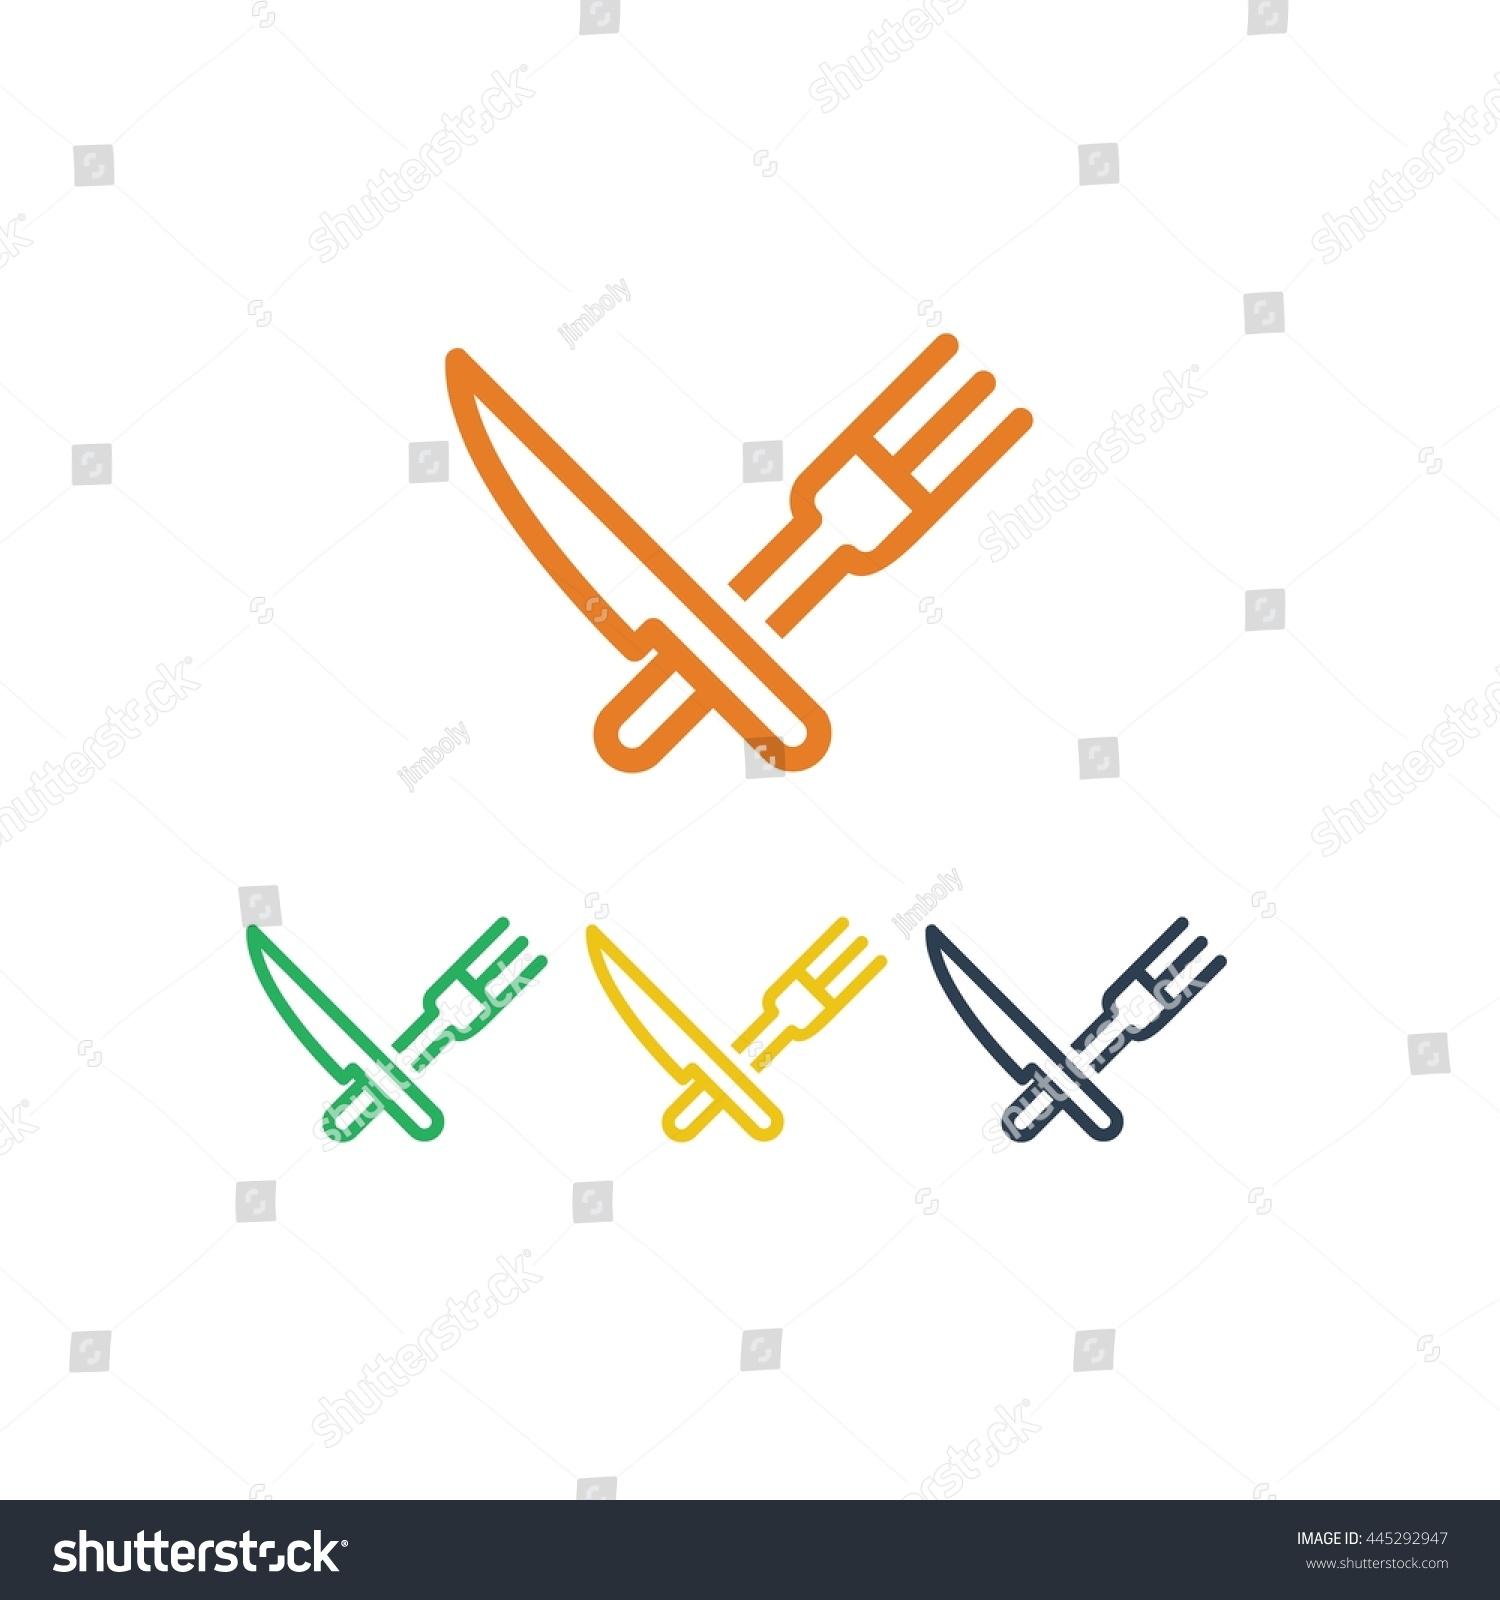 restaurant modern kitchen chef logo design stock vector 445292947 restaurant modern kitchen chef logo design icon flat